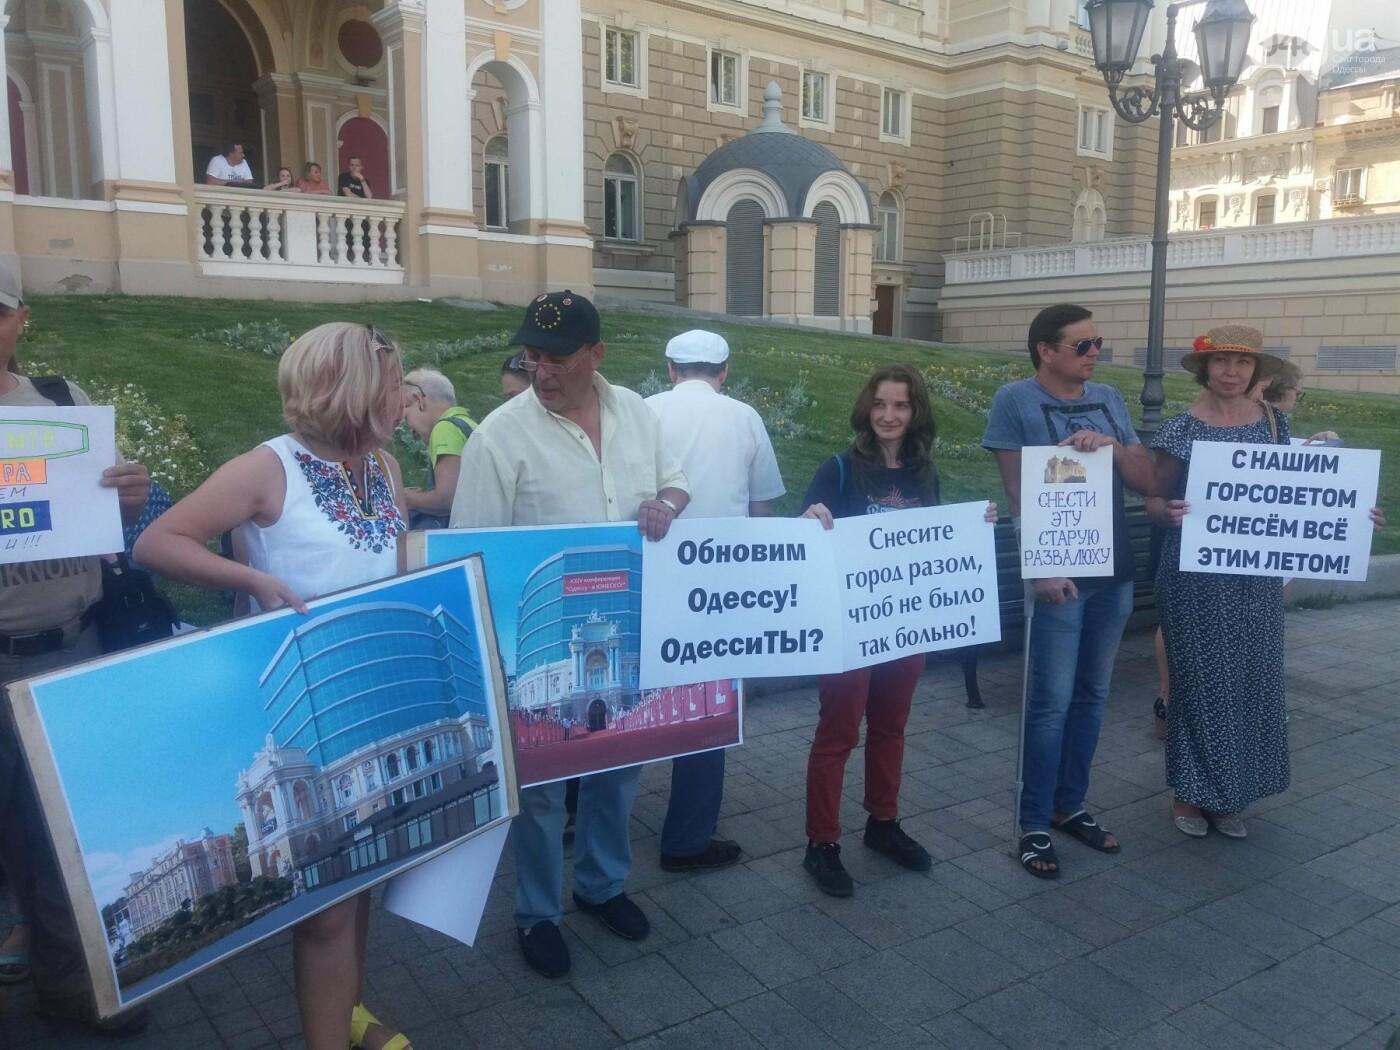 В Одессе требовали снести оперный театр и построить торговый центр, - ФОТО, ВИДЕО, фото-16